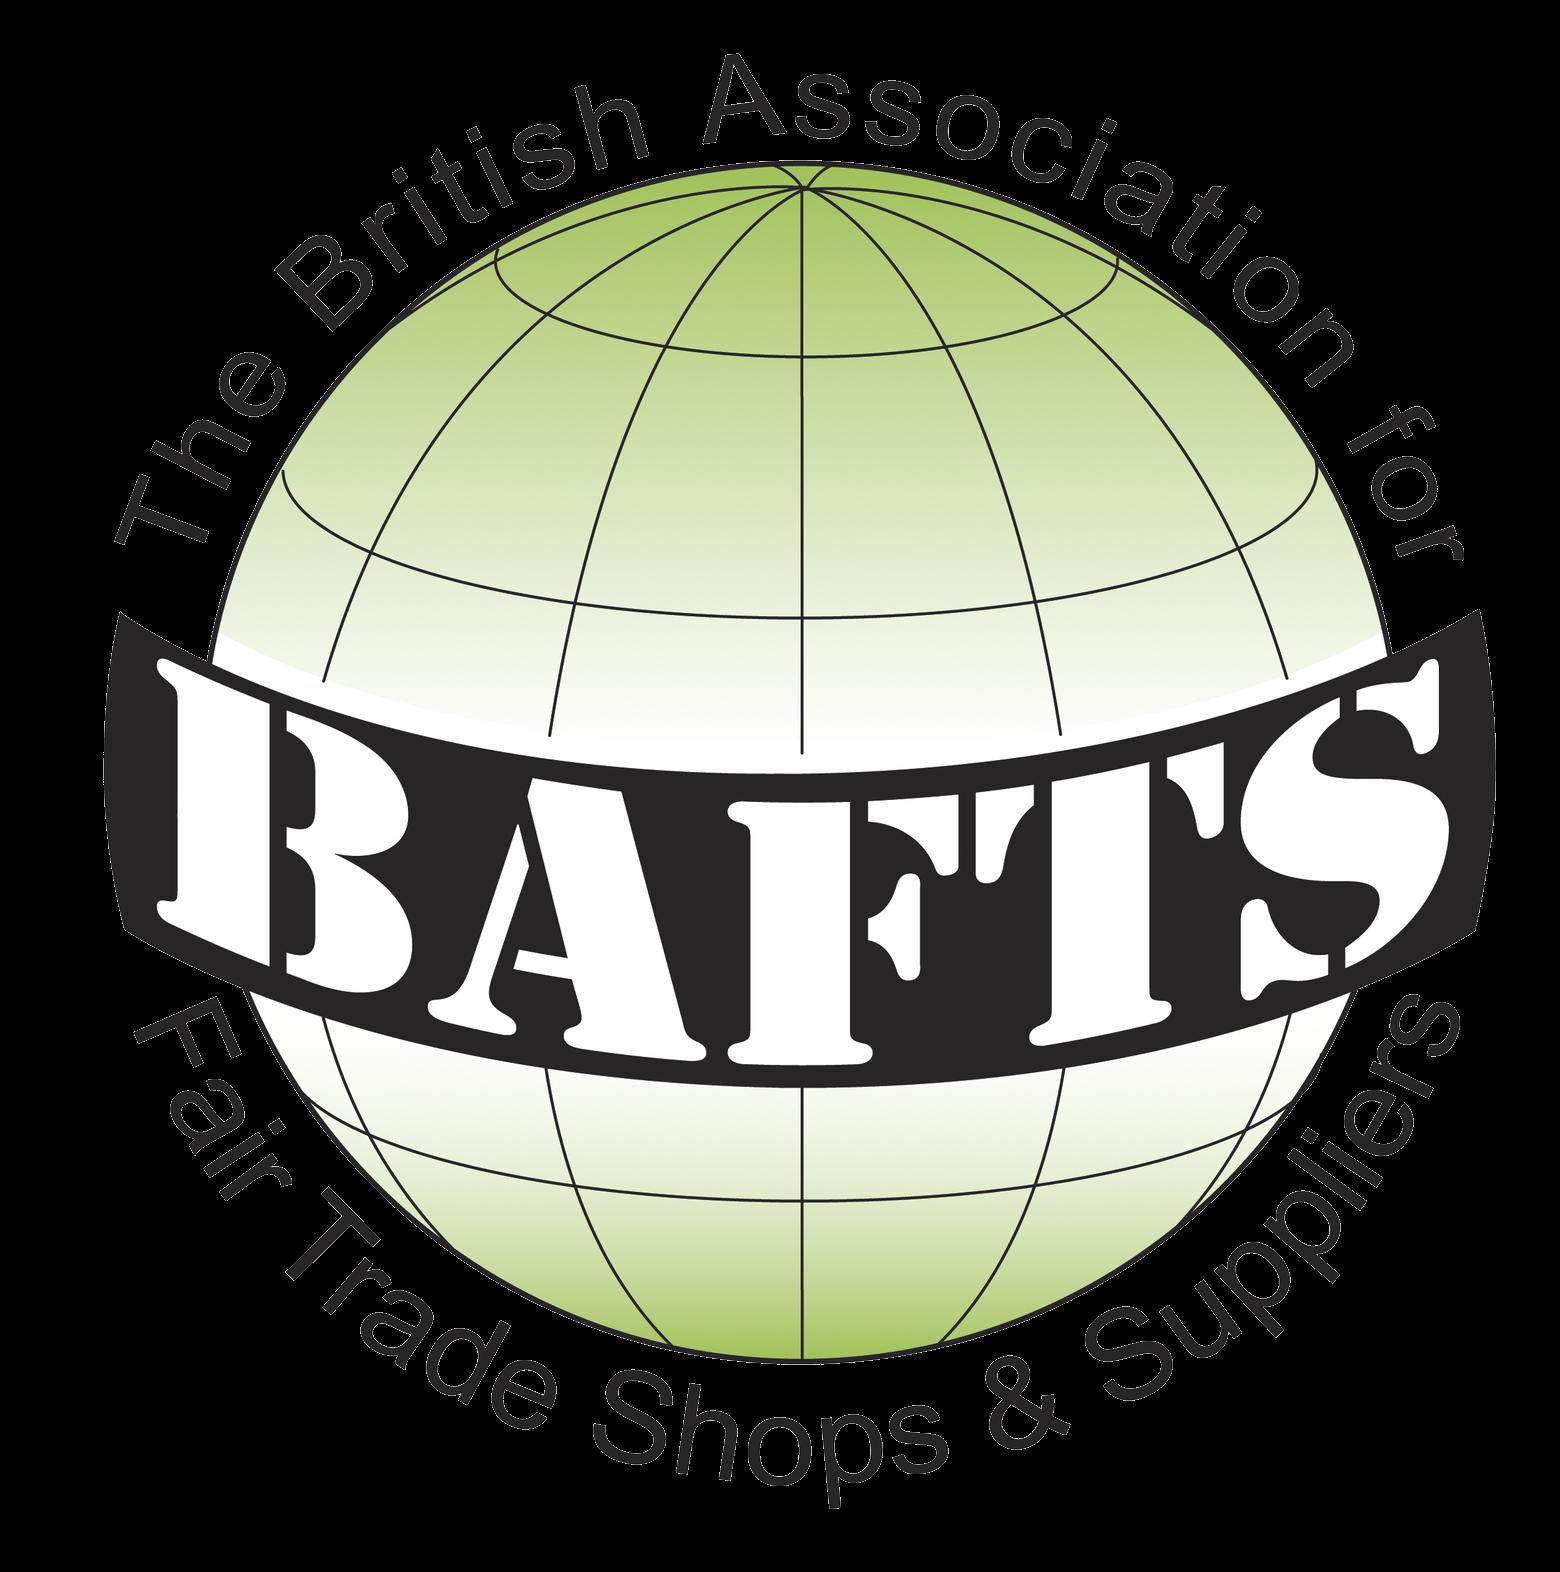 BAFTS_transparent_logo.png